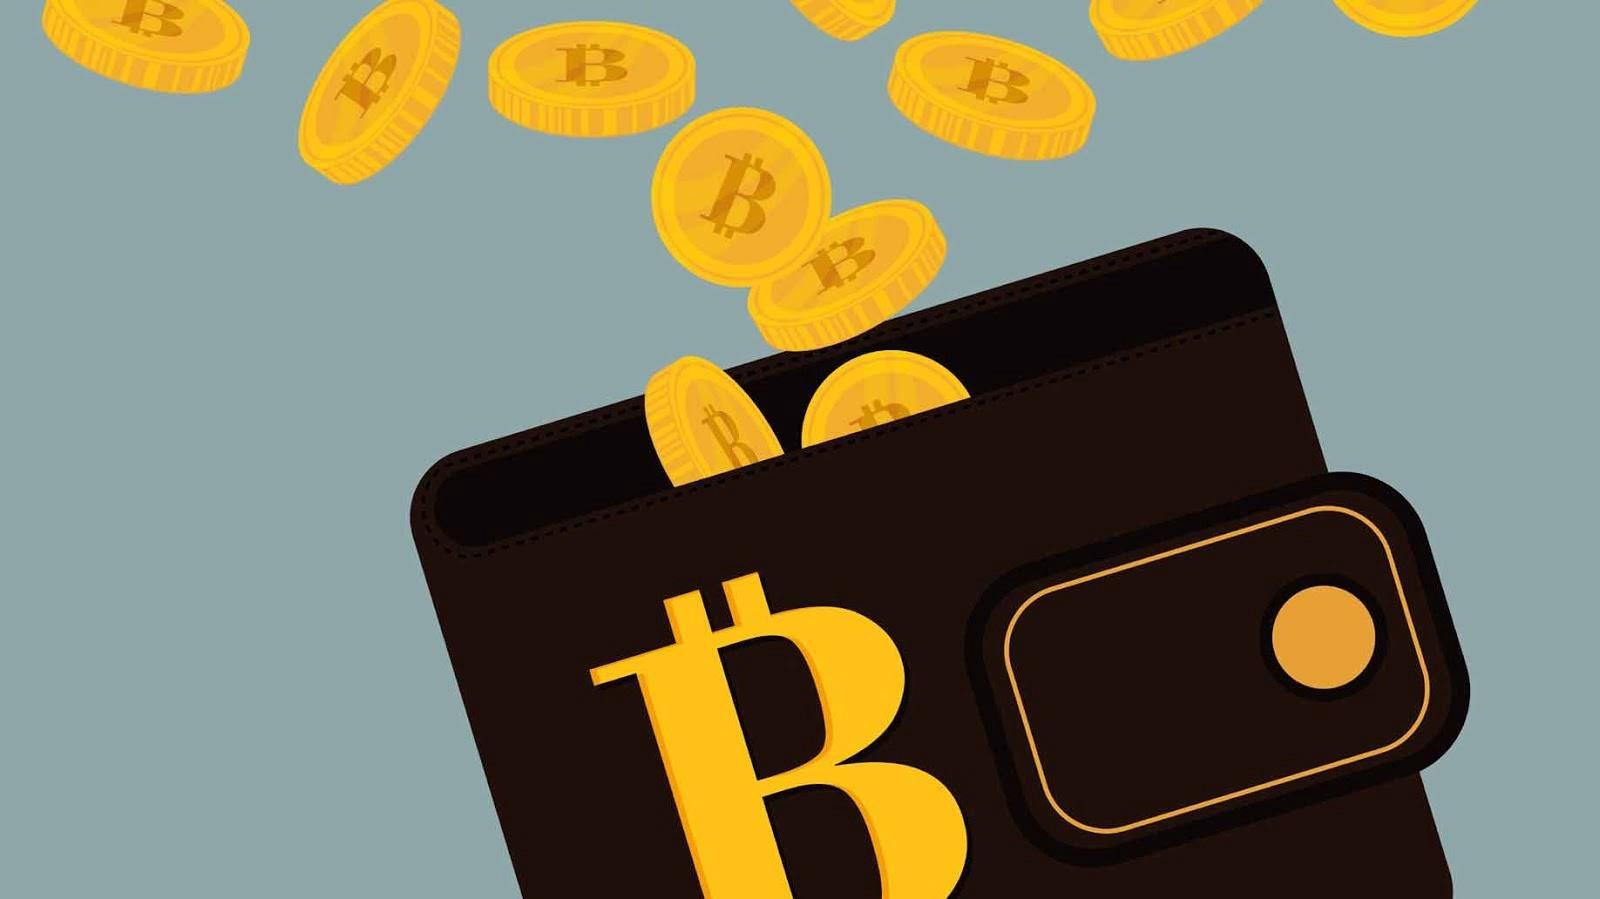 Как перевести деньги на Блокчейн: обменники, криптобиржи, платежные сервисы, банковские карты